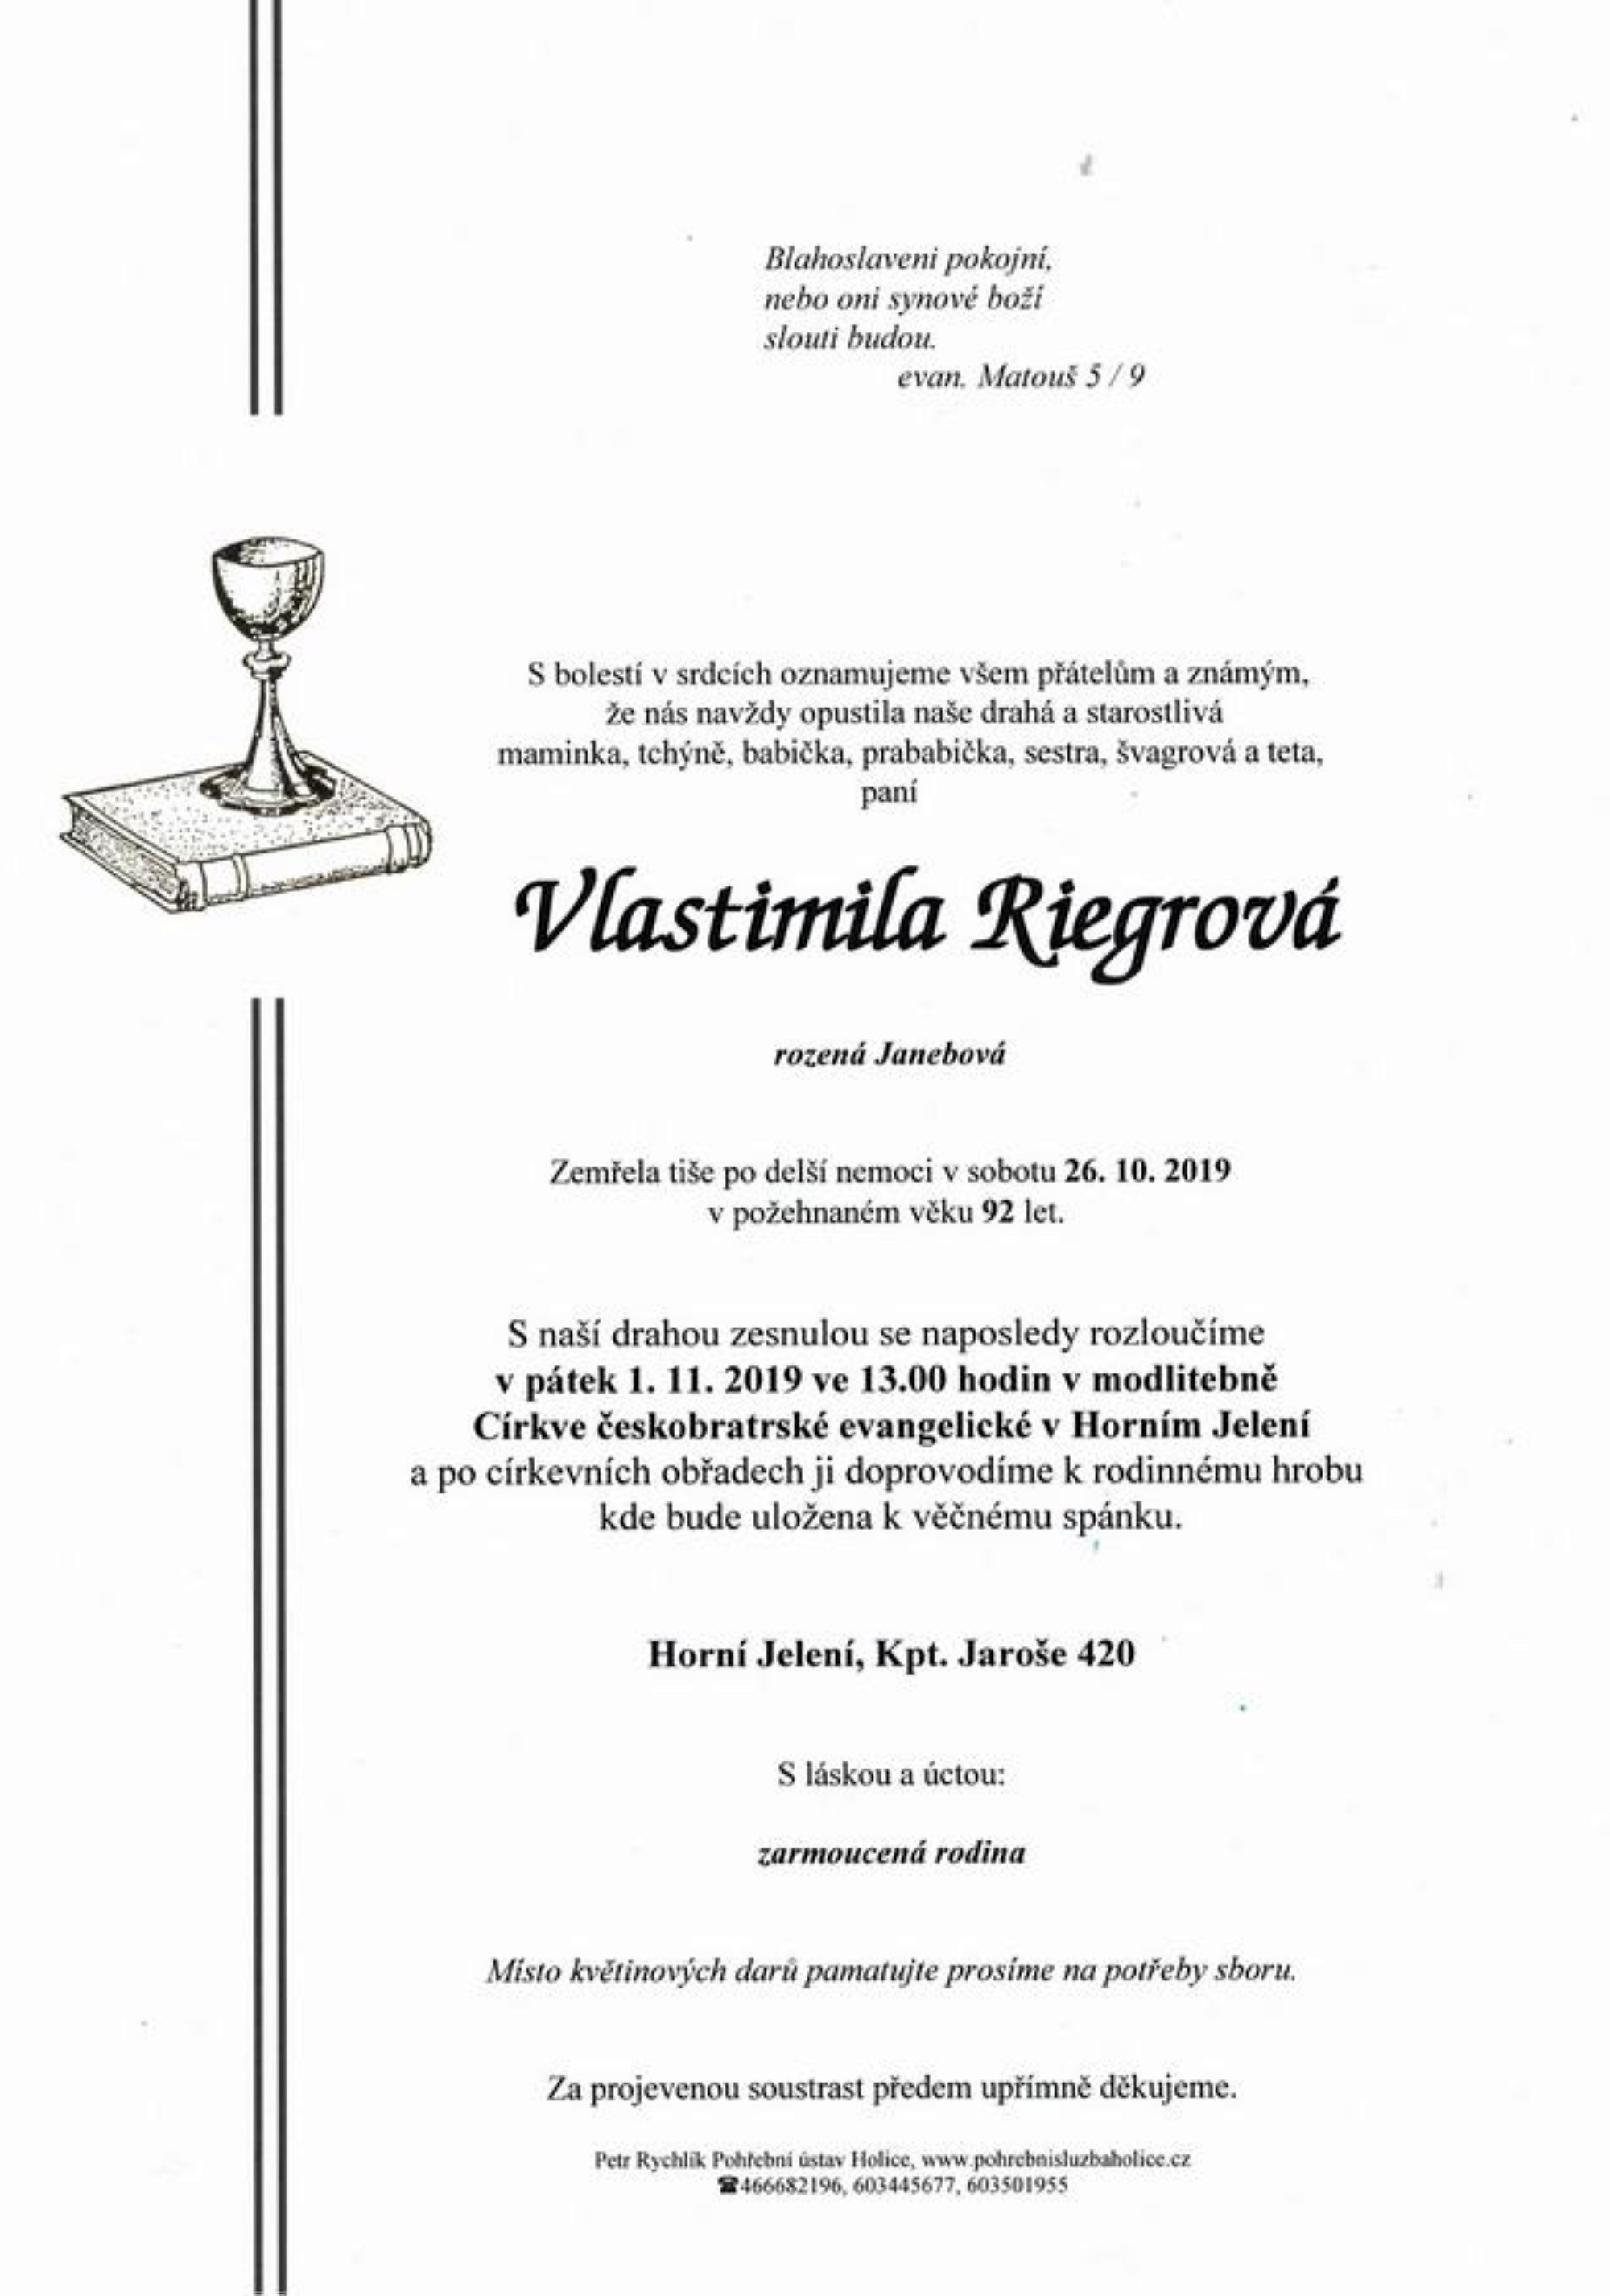 Vlastimila Riegrová